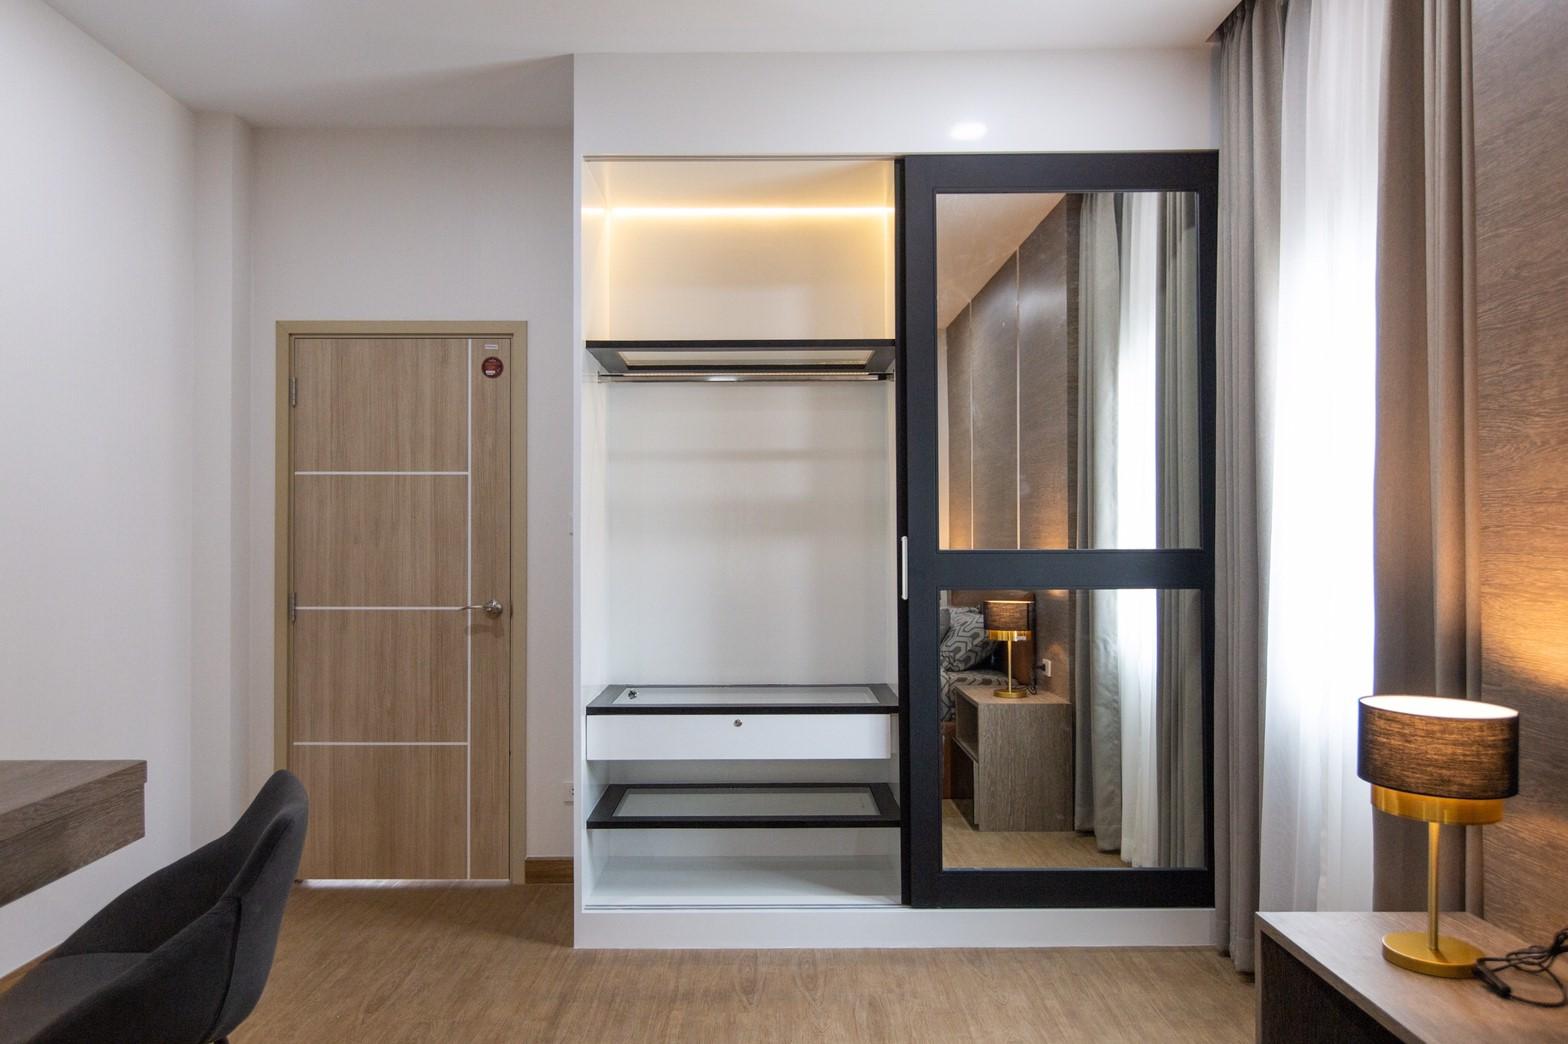 หลังที่1 Modern Luxury Style2019_๑๙๑๑๐๘_0004